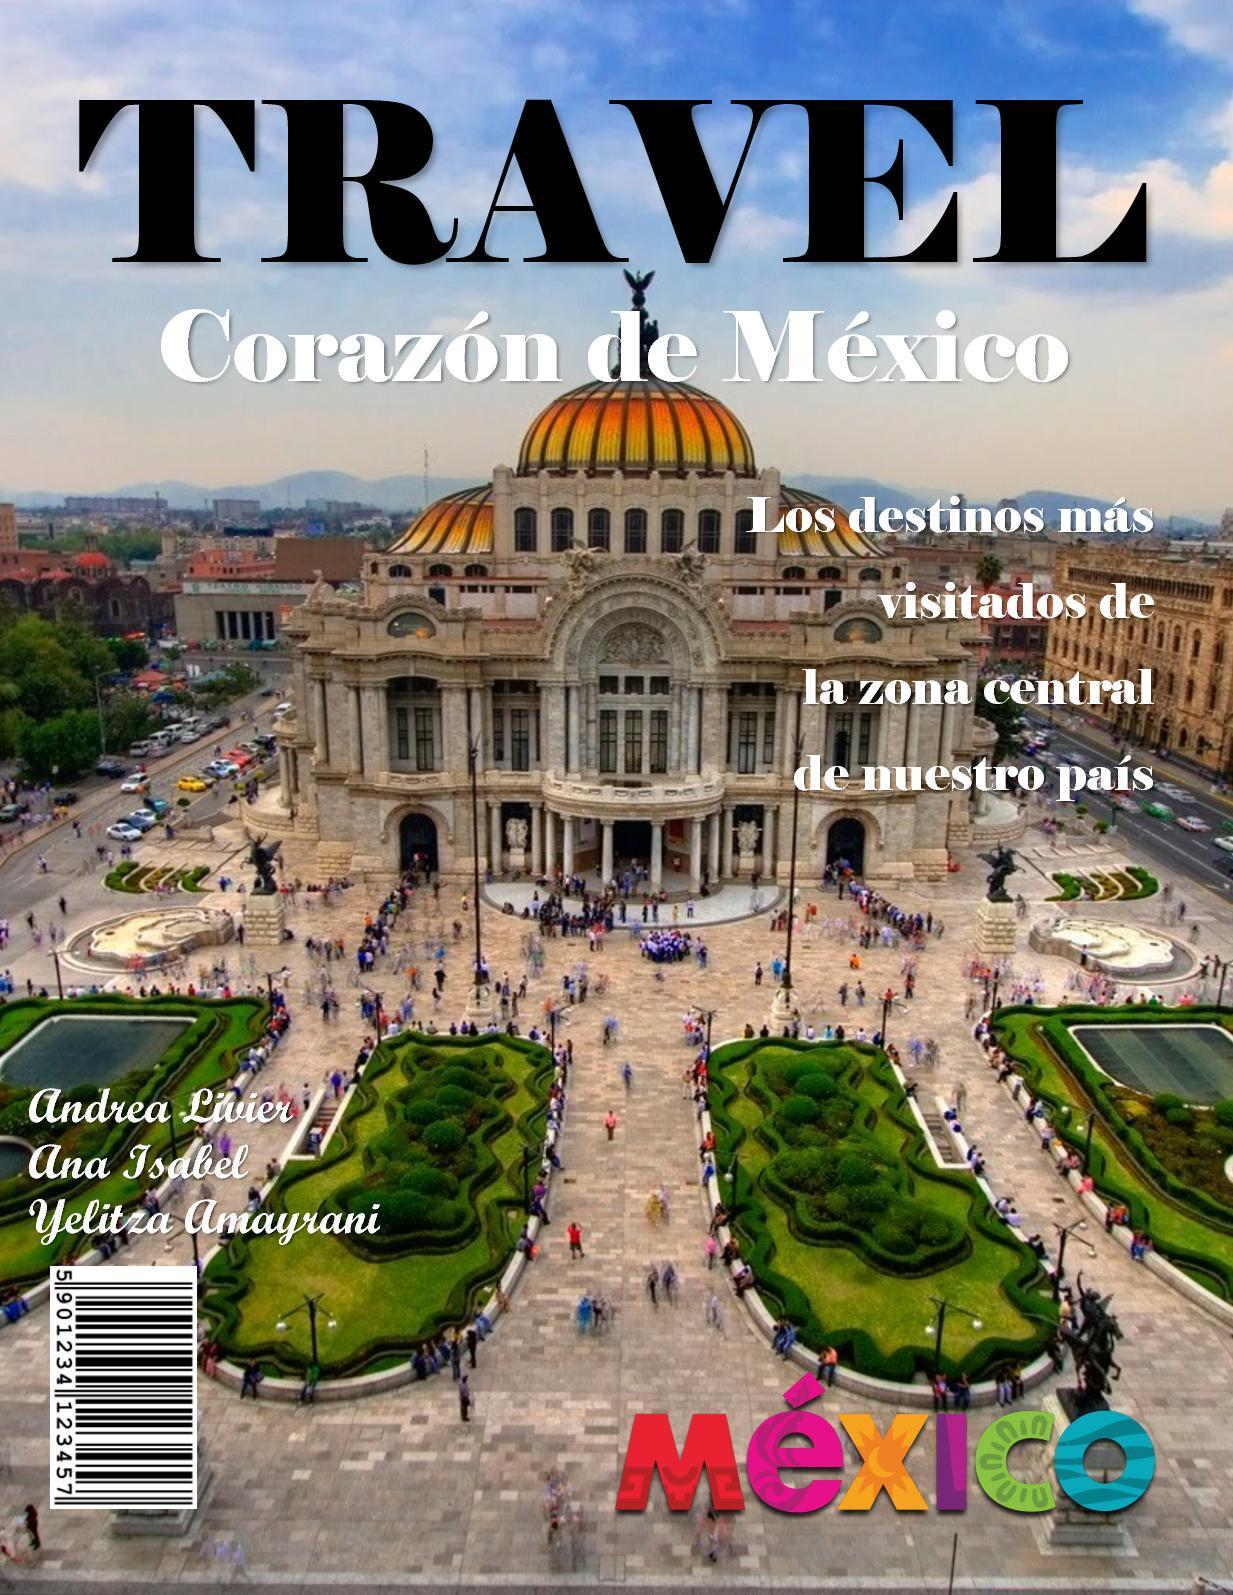 Travel- Corazón de México